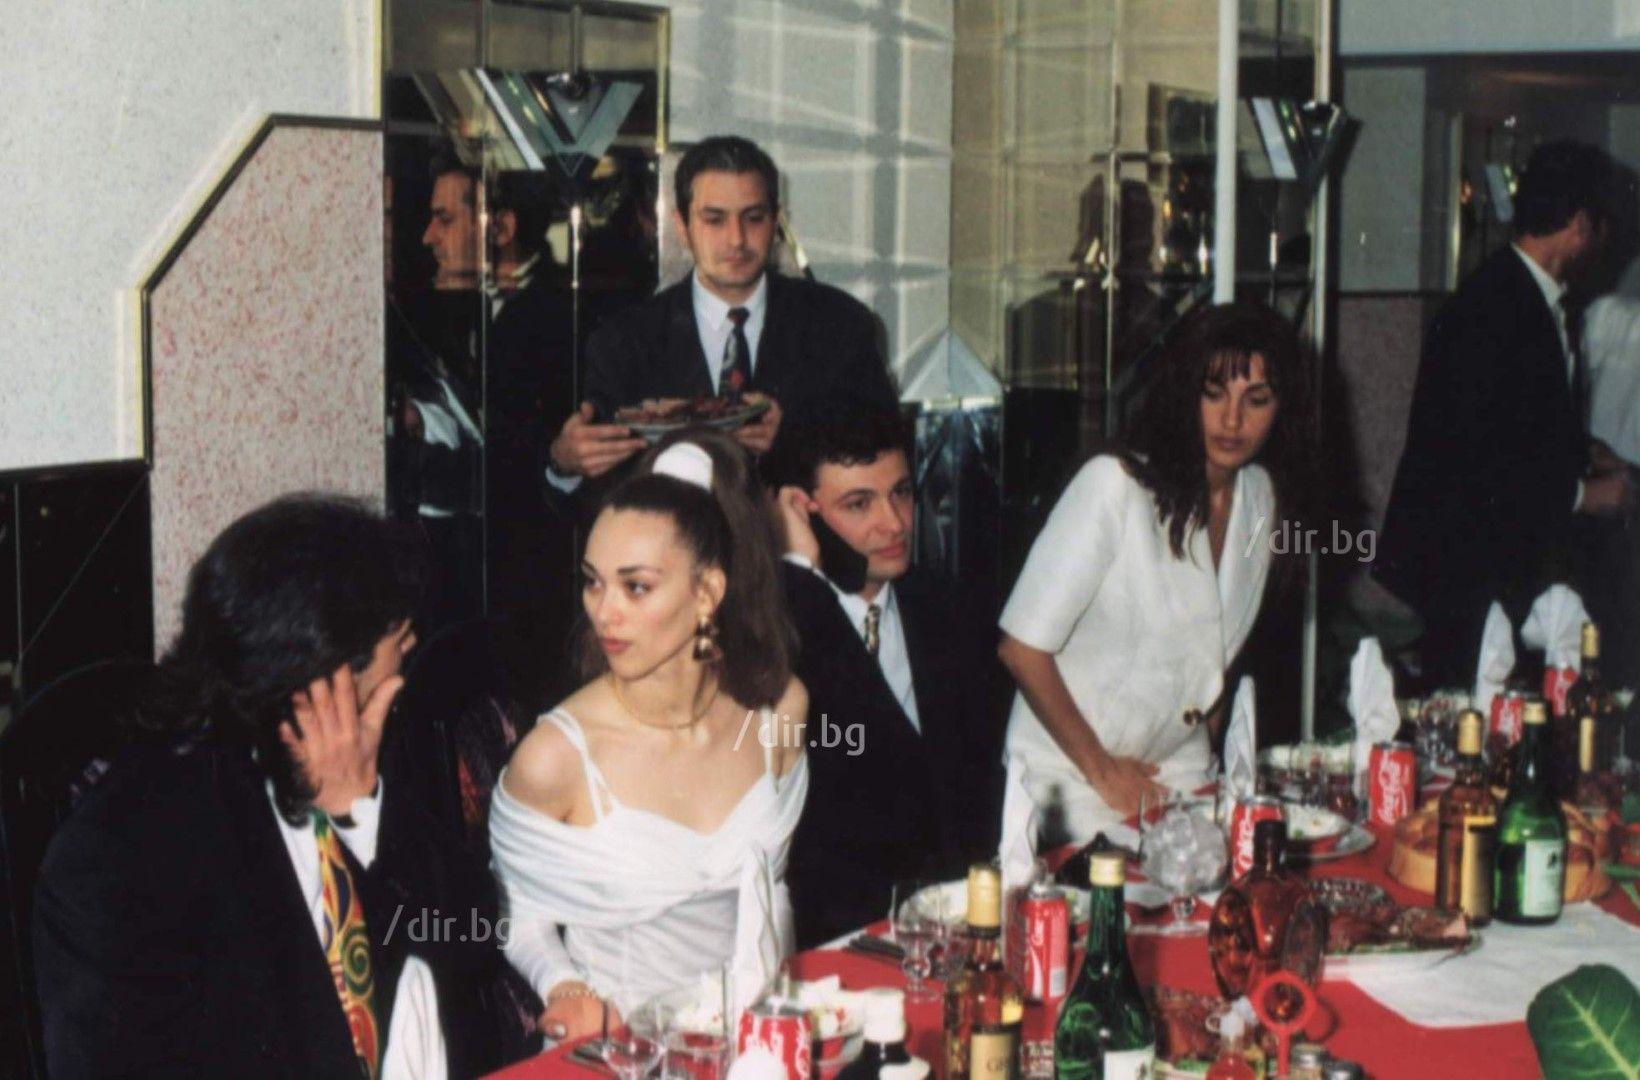 Румен Маринов (вляво) бе ликвидиран от неизвестни килъри пред дома си в София на 27 ноември 2003 г.